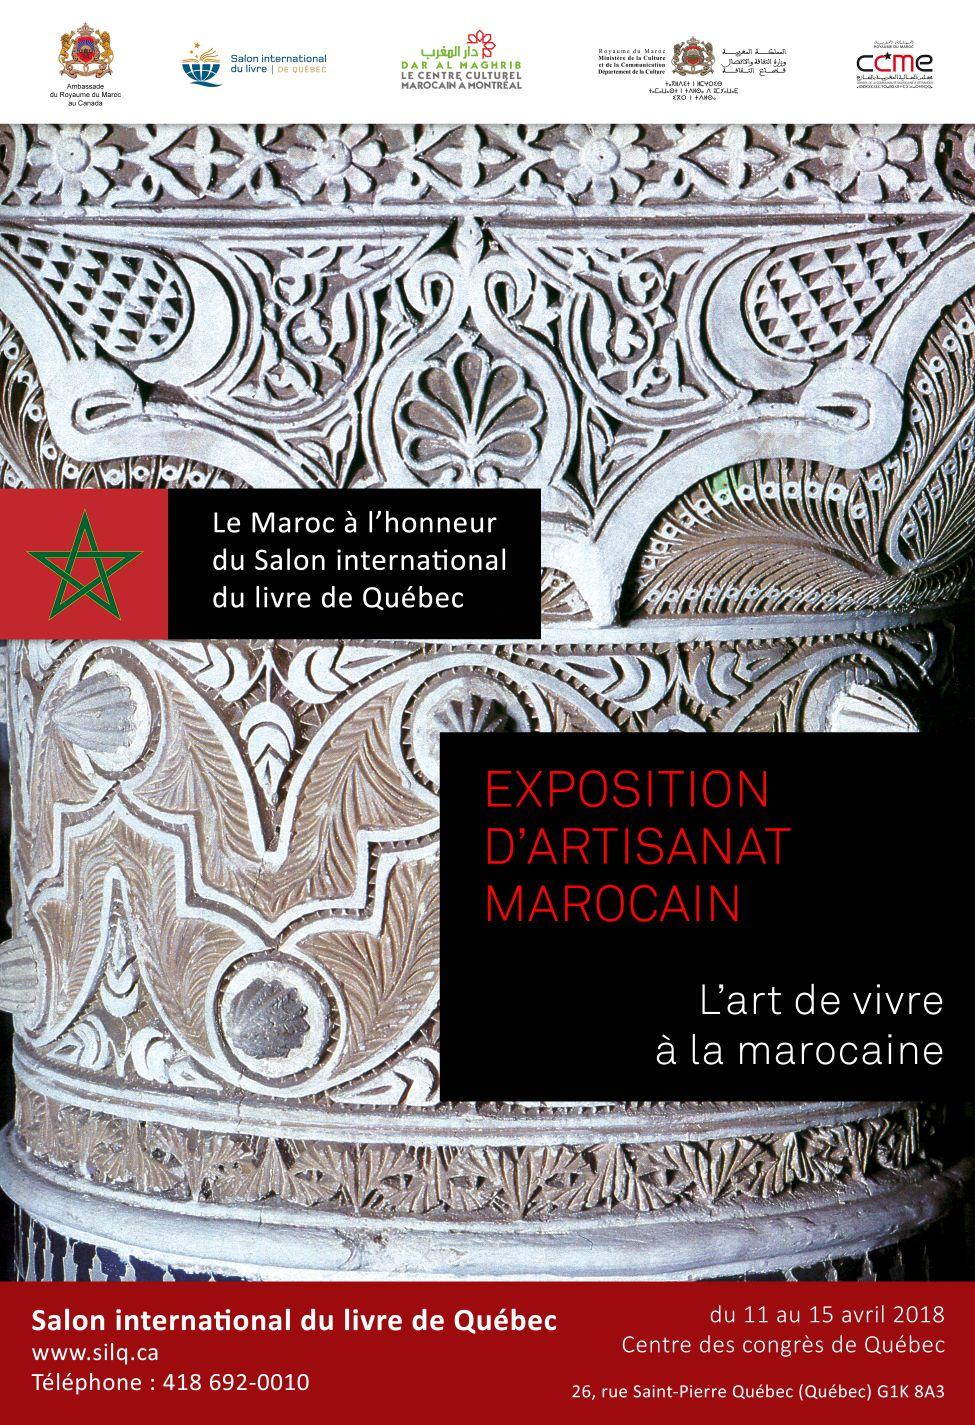 LE MAROC INVITÉ D'HONNEUR AU SALON INTERNATIONAL DU LIVRE DE QUÉBEC